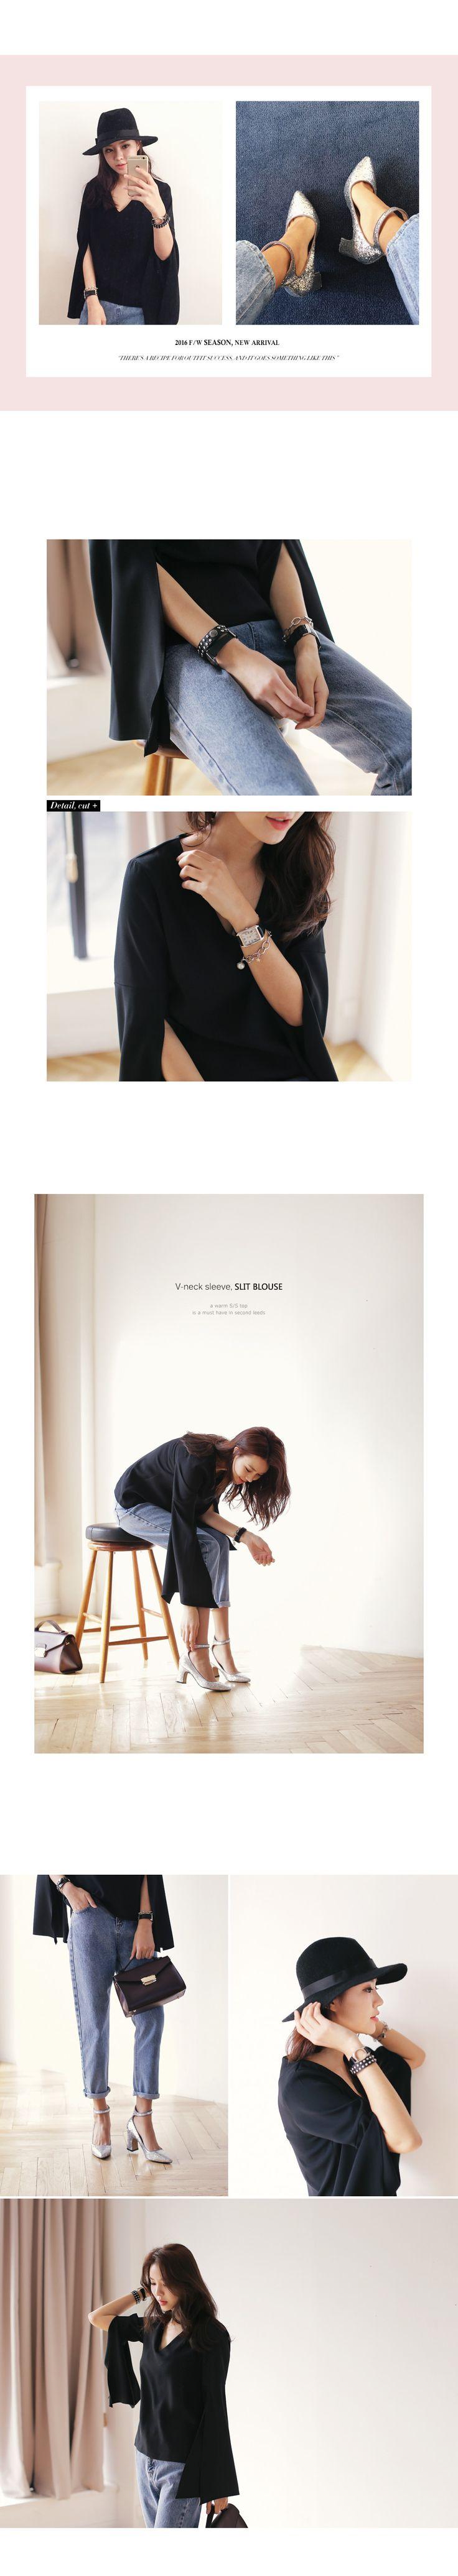 Vネックスリーブスリットブラウス・全3色シャツ・ブラウスシャツ・ブラウス|レディースファッション通販 DHOLICディーホリック [ファストファッション 水着 ワンピース]